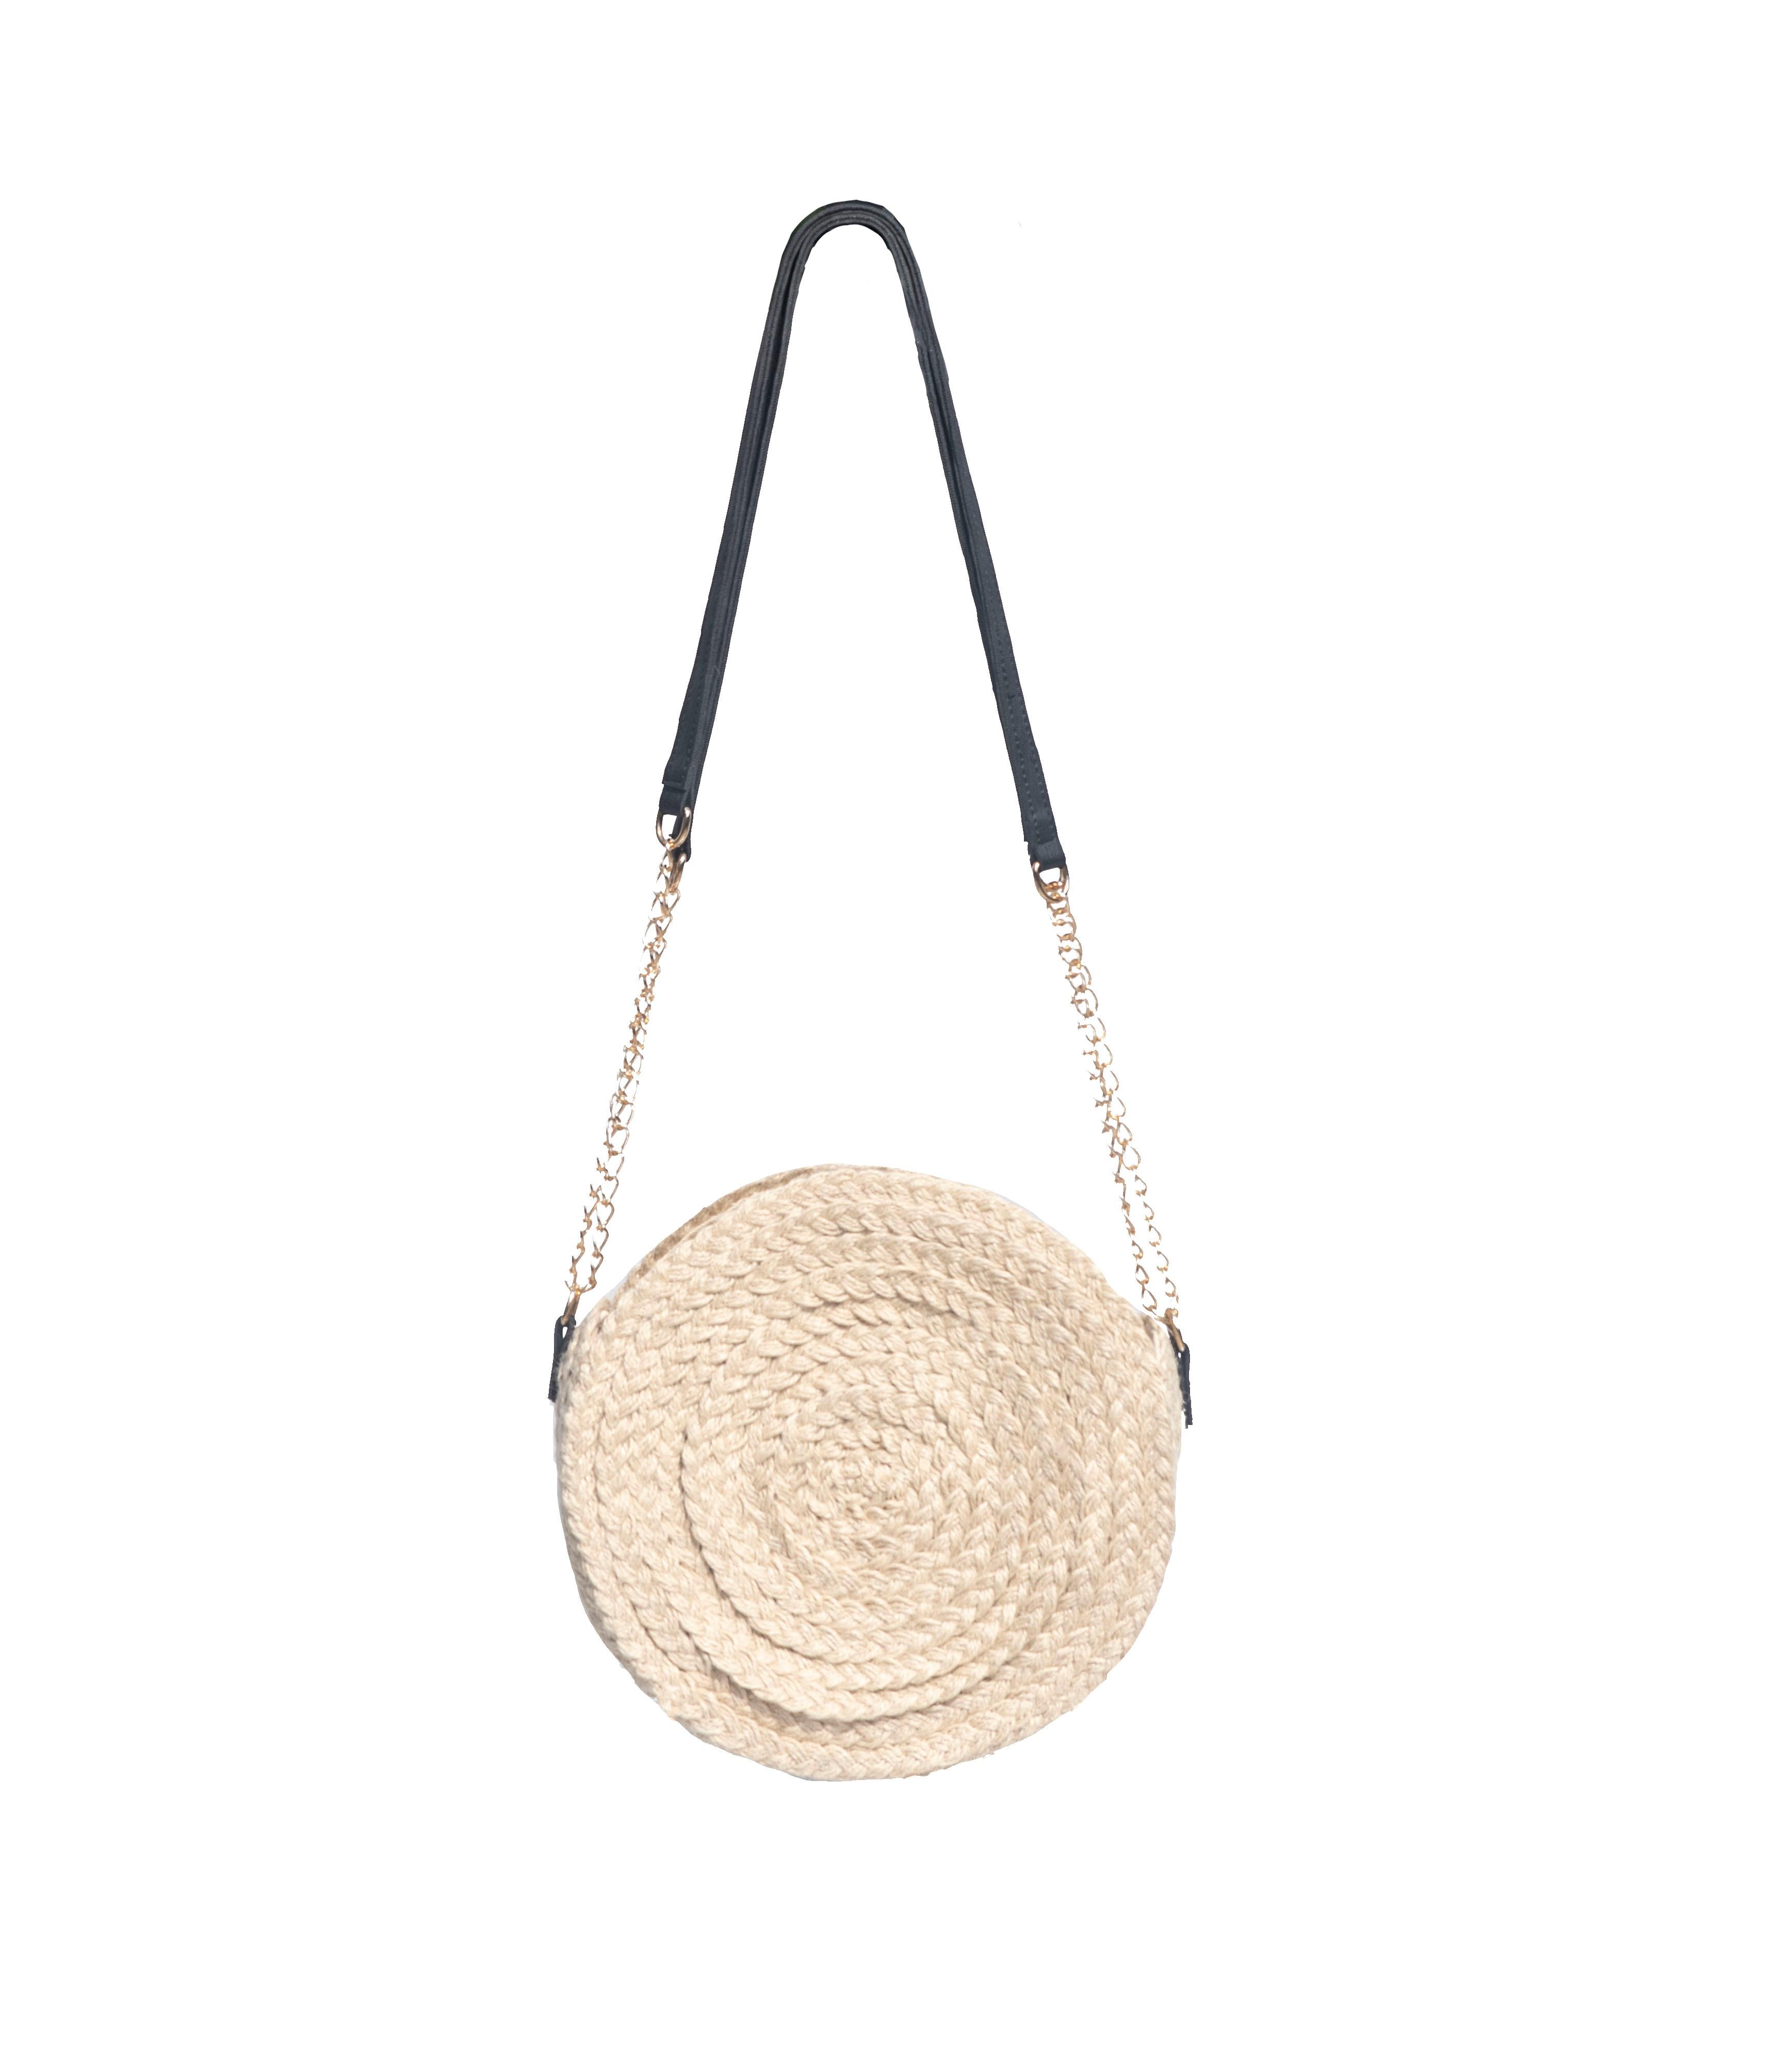 حقيبة يد نسائية كاجوال أنيقة ، حقيبة من الجوت والجلد مع سلسلة دائرية ، لون بيج ، للصيف